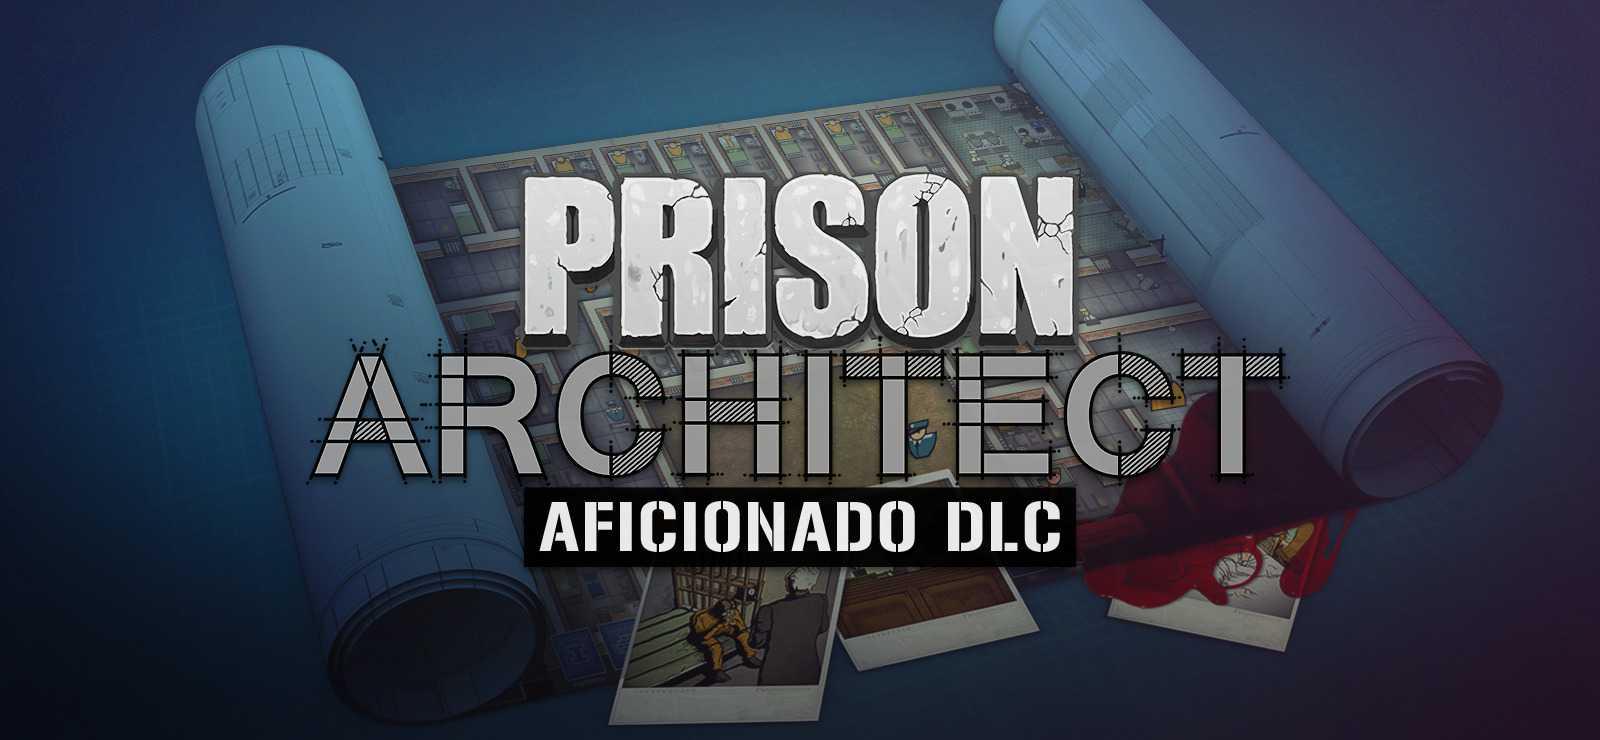 Prison Architect Aficionado DLC